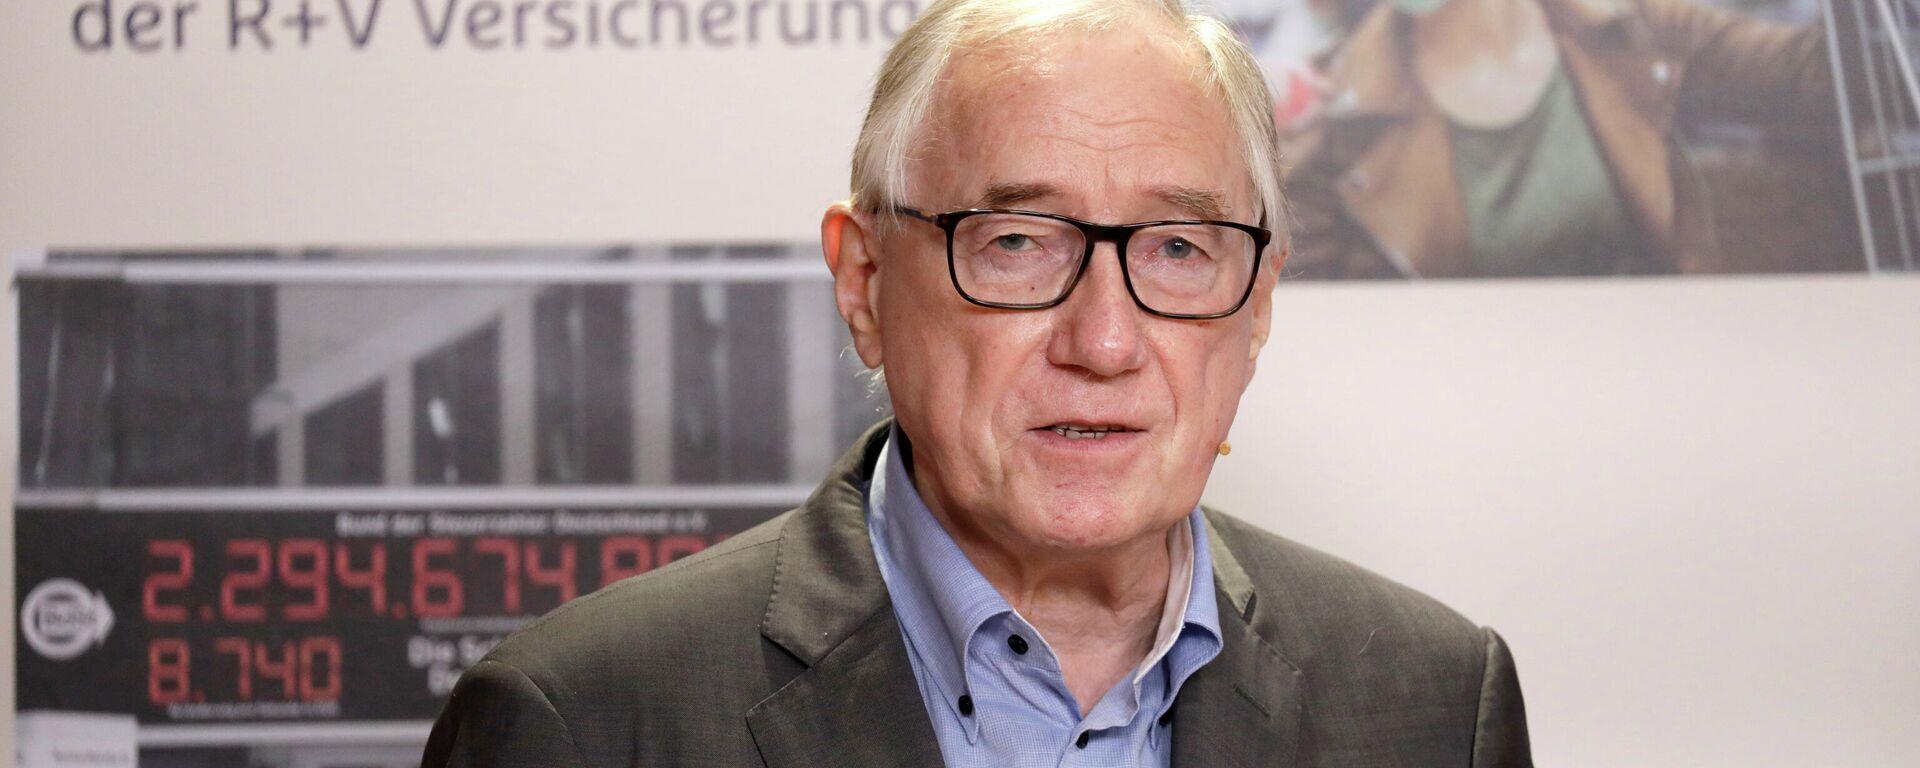 Prof. Dr. Manfred G. Schmidt, Politikwissenschaftler an der Ruprecht-Karls-Universität in Heidelberg, der das R+V-Infocenter seit fast zwei Jahrzehnten bei der Auswertung der Ängste-Studie berät - SNA, 1920, 24.09.2021